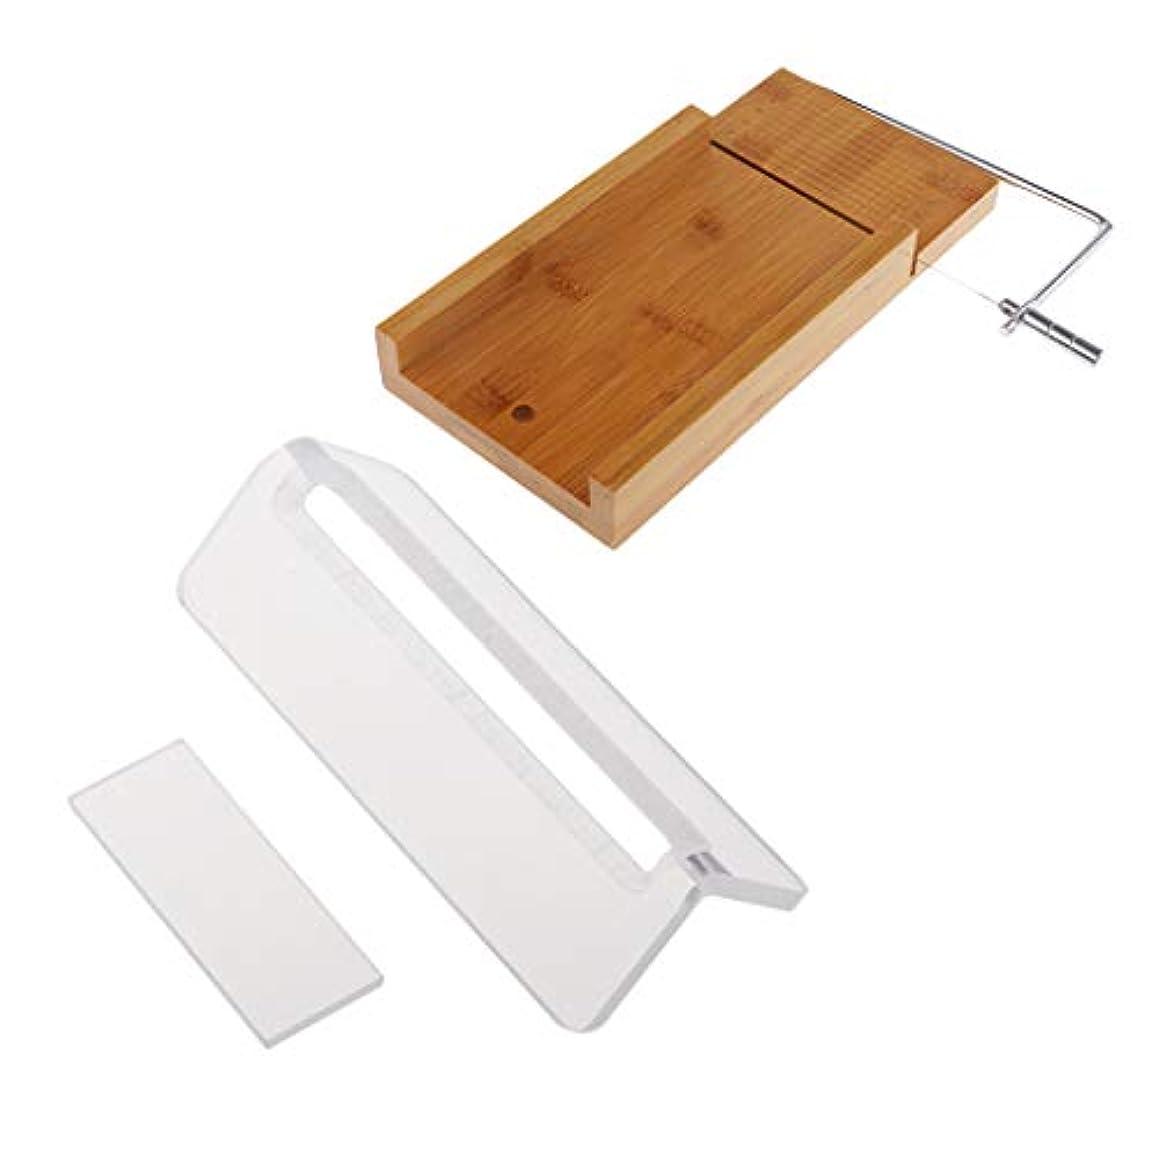 かすれた振る乗って木製 石鹸カッター 石けん 包丁 せっけんカッター ソープカッター チーズカッター 多機能 丈夫 2個入り